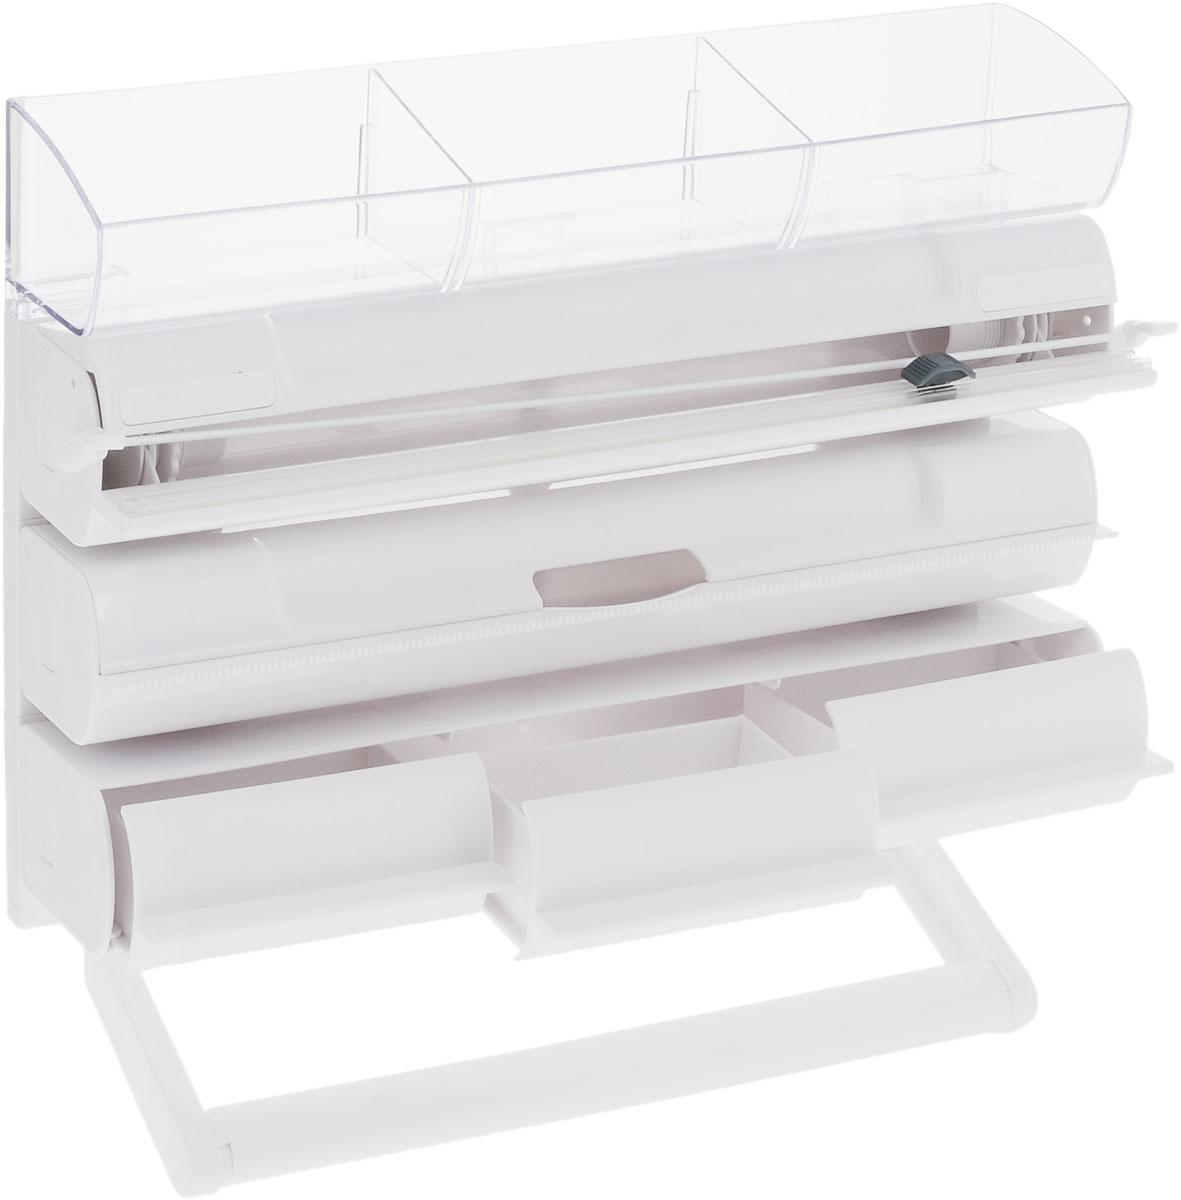 Органайзер кухонный Tescoma On Wall. 5 в 1, 30 х 38,5 х 8,5 см899724Органайзер кухонный Tescoma On Wall. 5 в 1 выполнен из высококачественного пластика. Применяется для хранения и использования пищевой пленки, алюминиевой фольги и бумажных полотенец. Размещается на стене. Имеет прозрачную полку с тремя выдвижными ящиками для хранения мелких кухонных принадлежностей. Диспенсеры для пищевой пленки / алюминиевой фольги можно извлечь из органайзера и использовать отдельно. Конец пленки не прилипает к диспенсеру. В комплекте прилагаются инструкции и крепежи.Общий размер органайзера: 30 х 38,5 х 8,5 см.